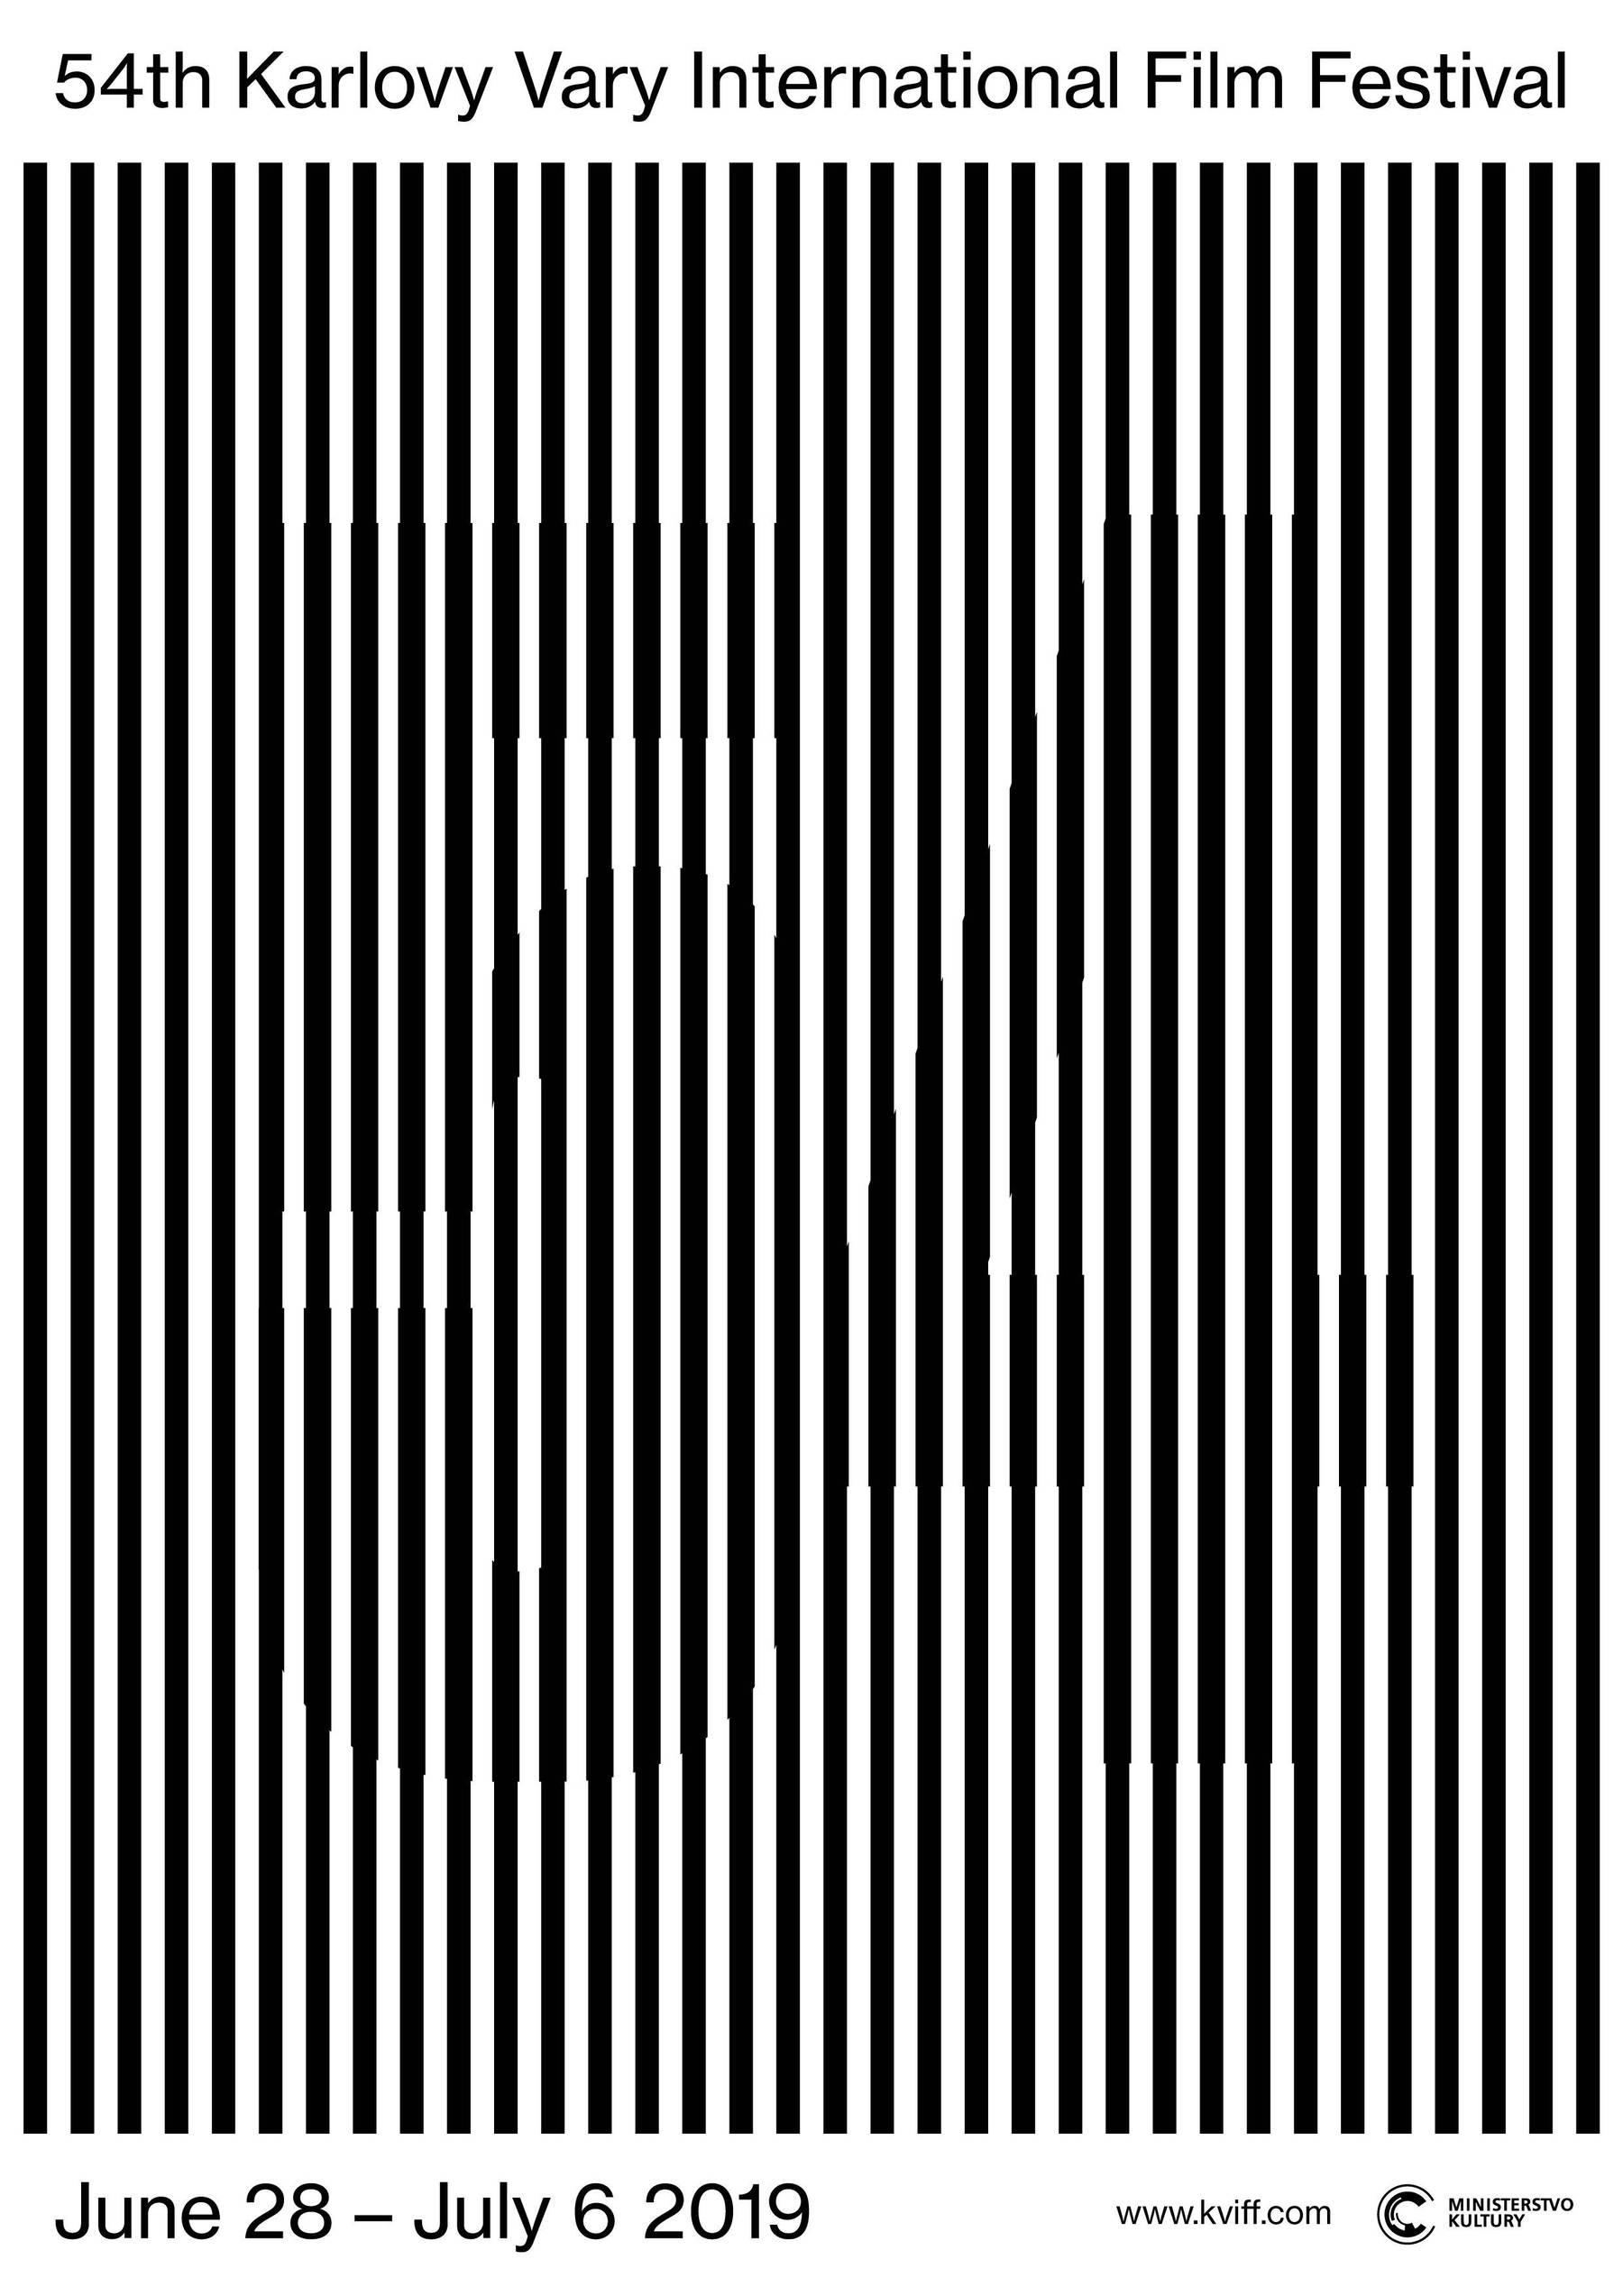 54kviff_poster